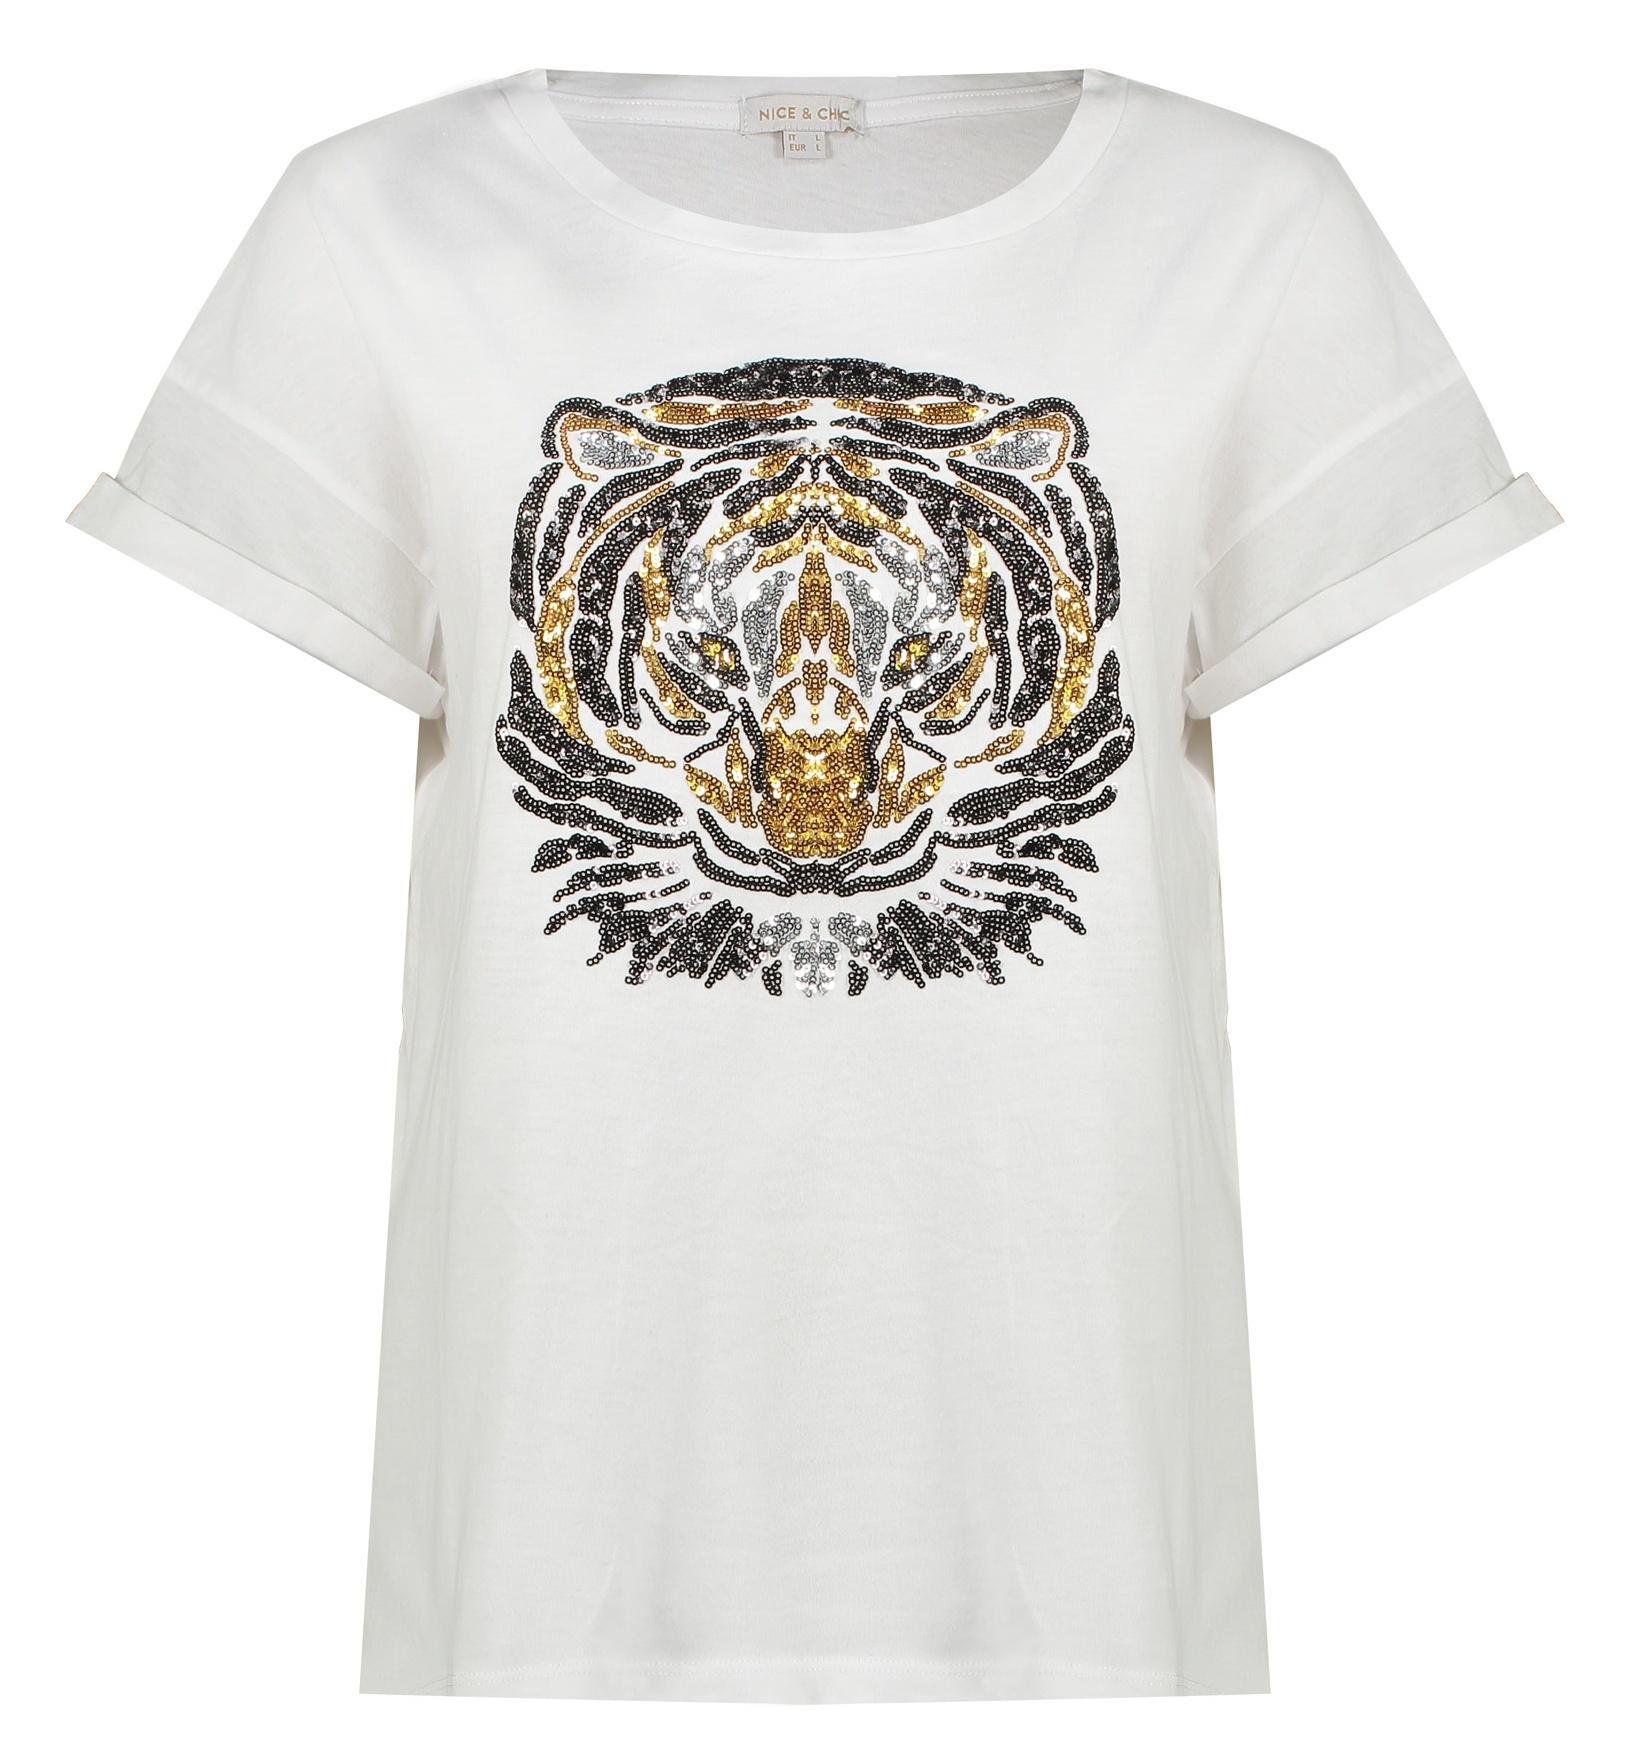 تی شرت زنانه یوپیم مدل 5128580 -  - 1